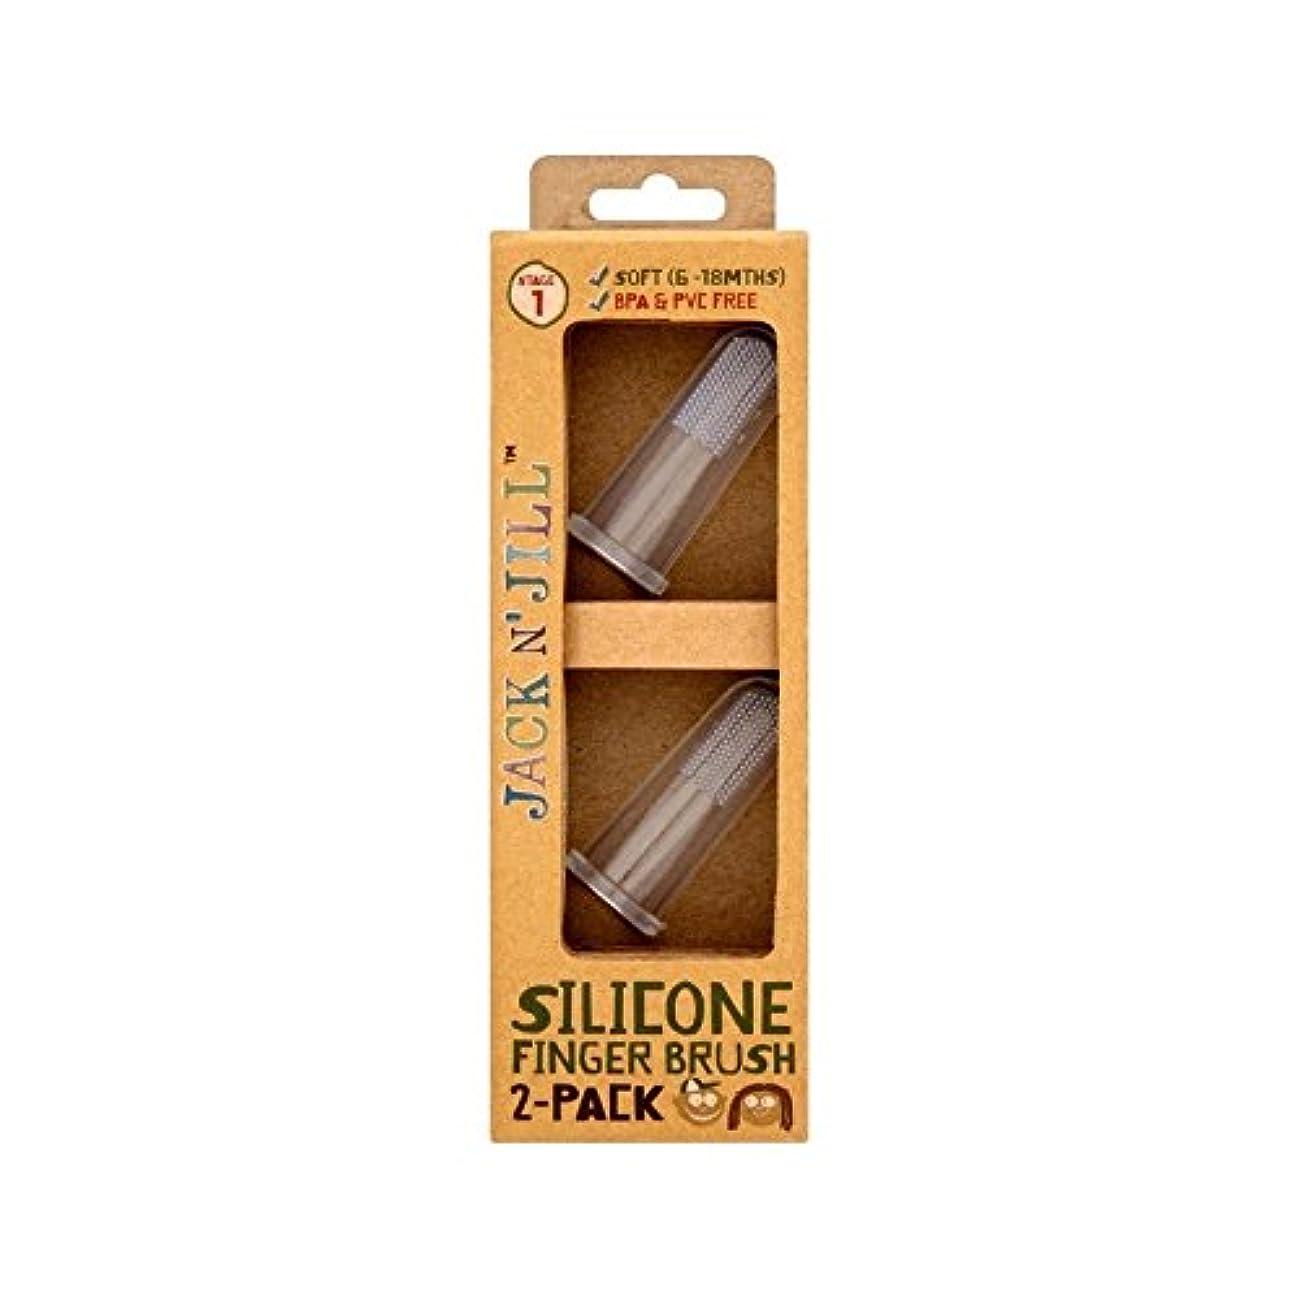 明らかにする再撮り嵐のシリコーン指ブラシ2パックあたりパック2 (Jack N Jill) (x 4) - Jack N' Jill Silicone Finger Brush 2 Pack 2 per pack (Pack of 4) [並行輸入品]